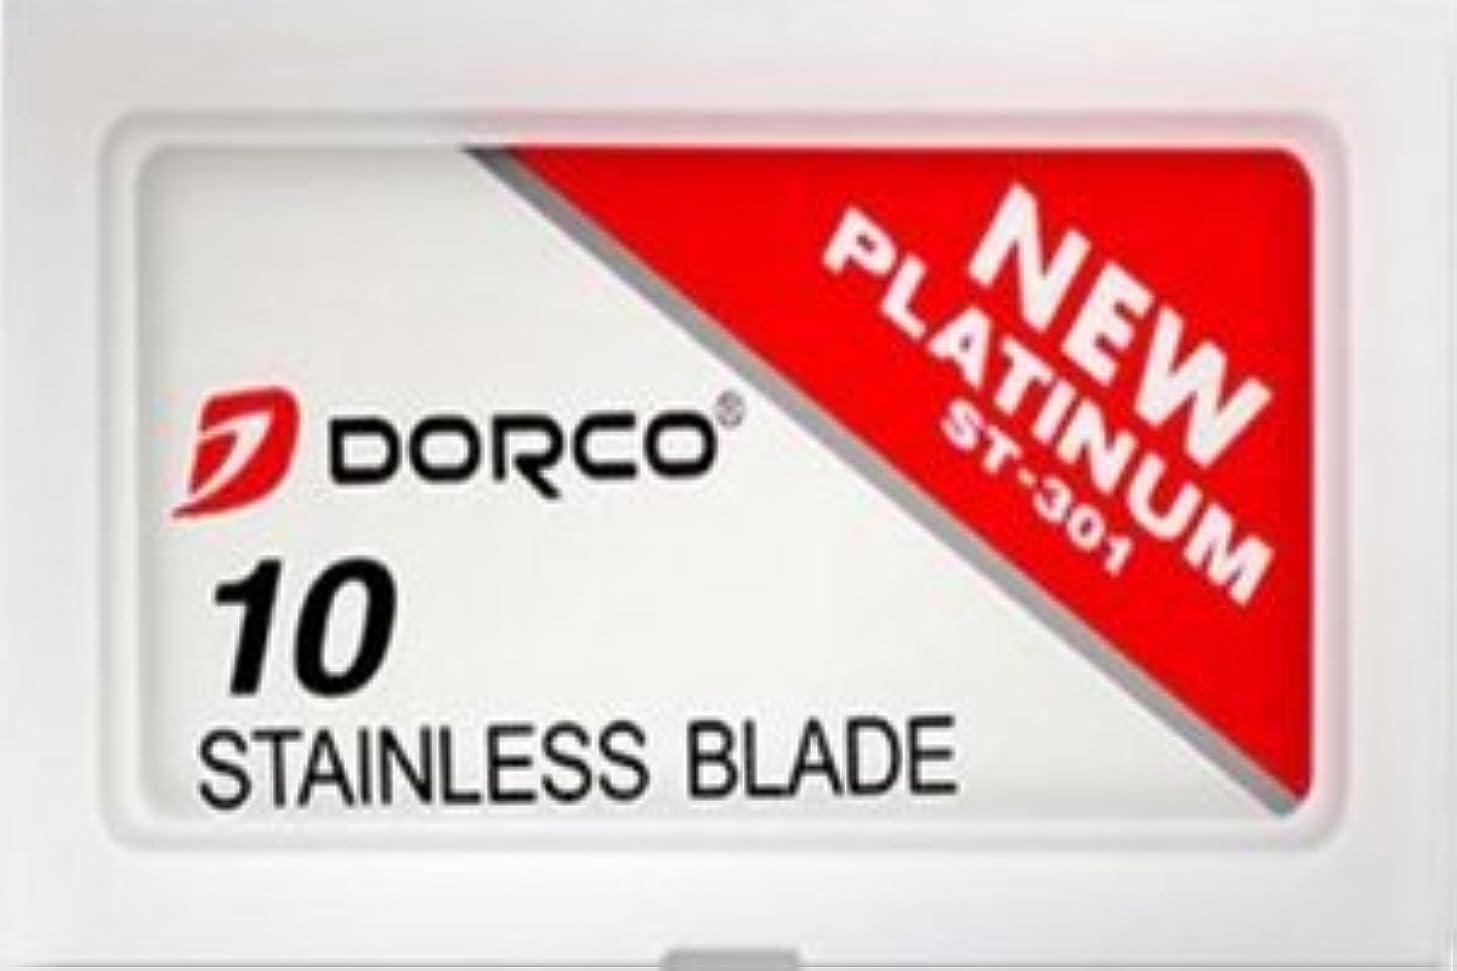 持ってる愛情深い診断するDorco ST-301 Stainless 両刃替刃 10枚入り(10枚入り1 個セット)【並行輸入品】